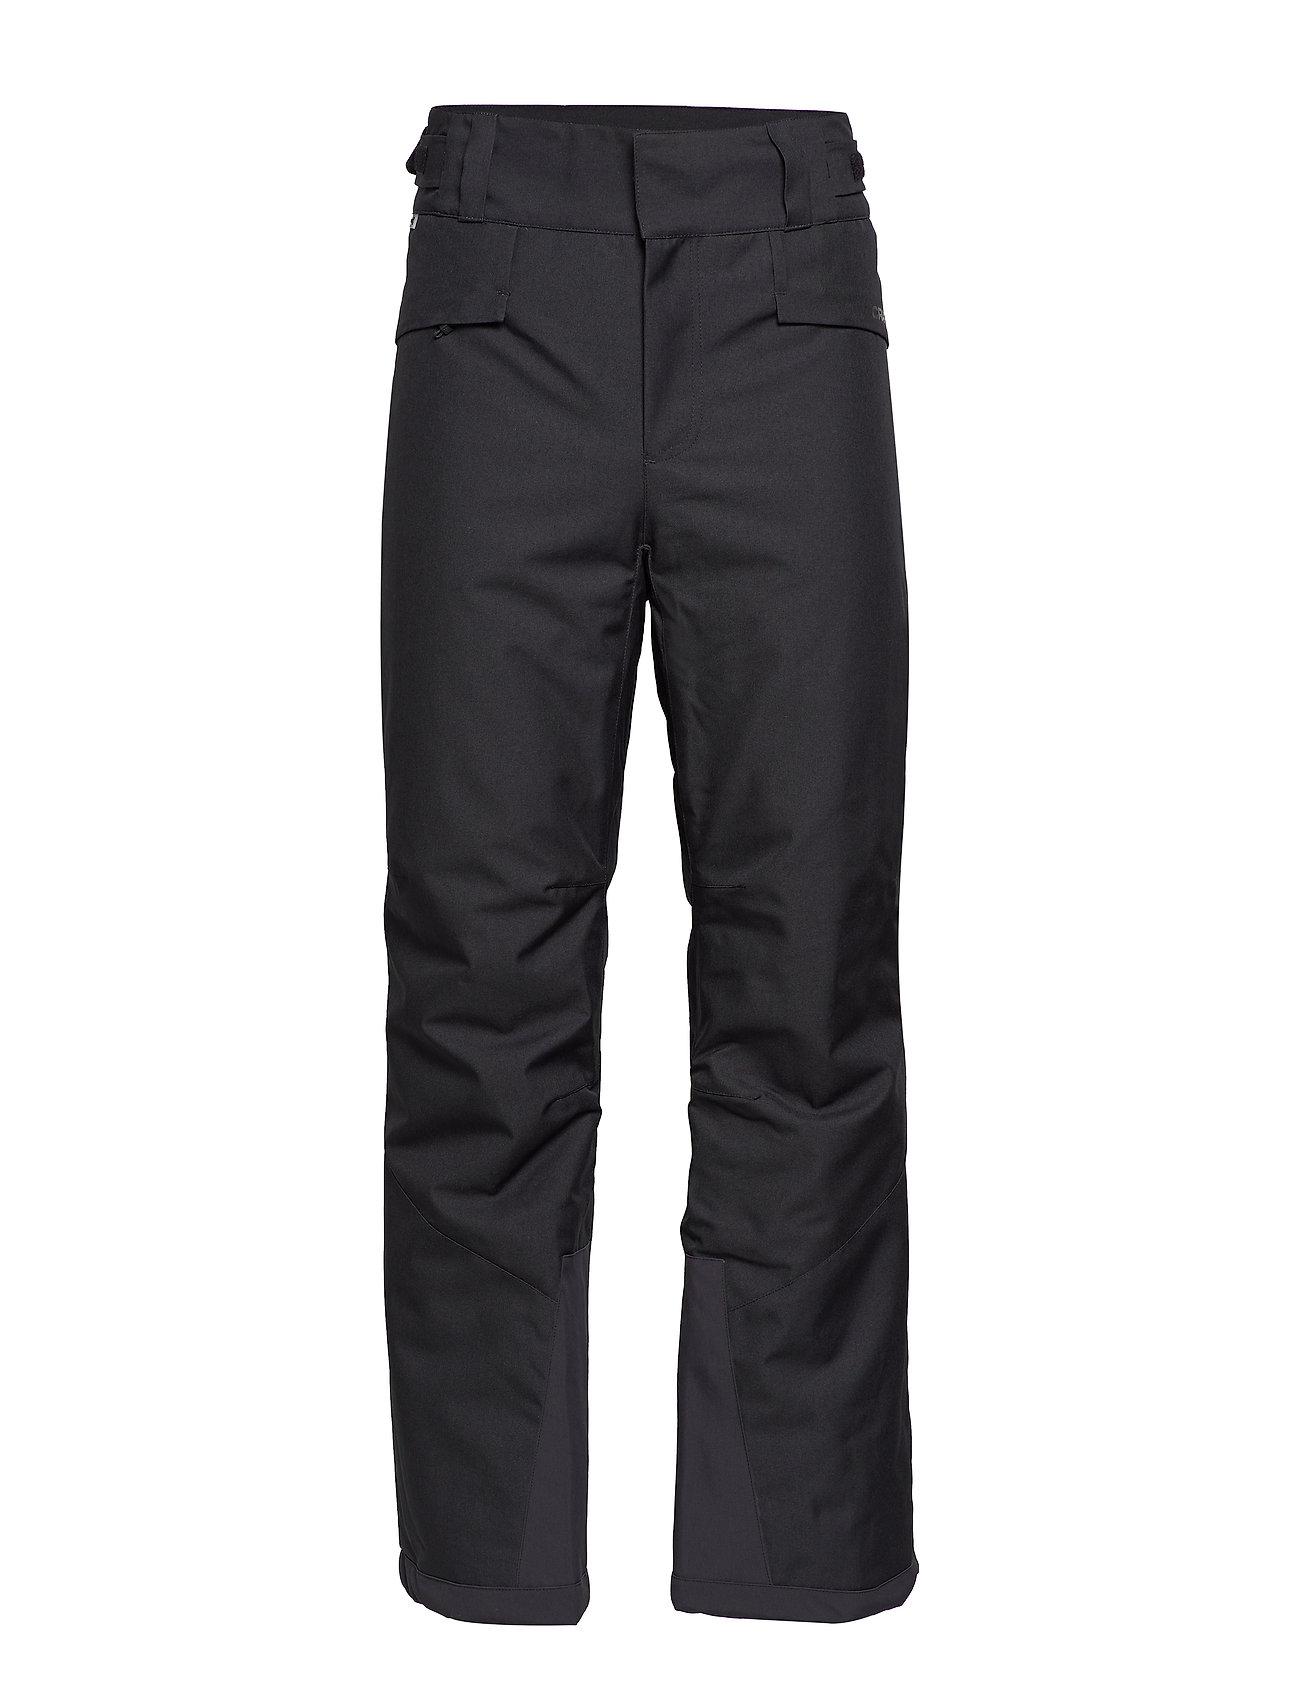 Craft MOUNTAIN PANTS M - BLACK